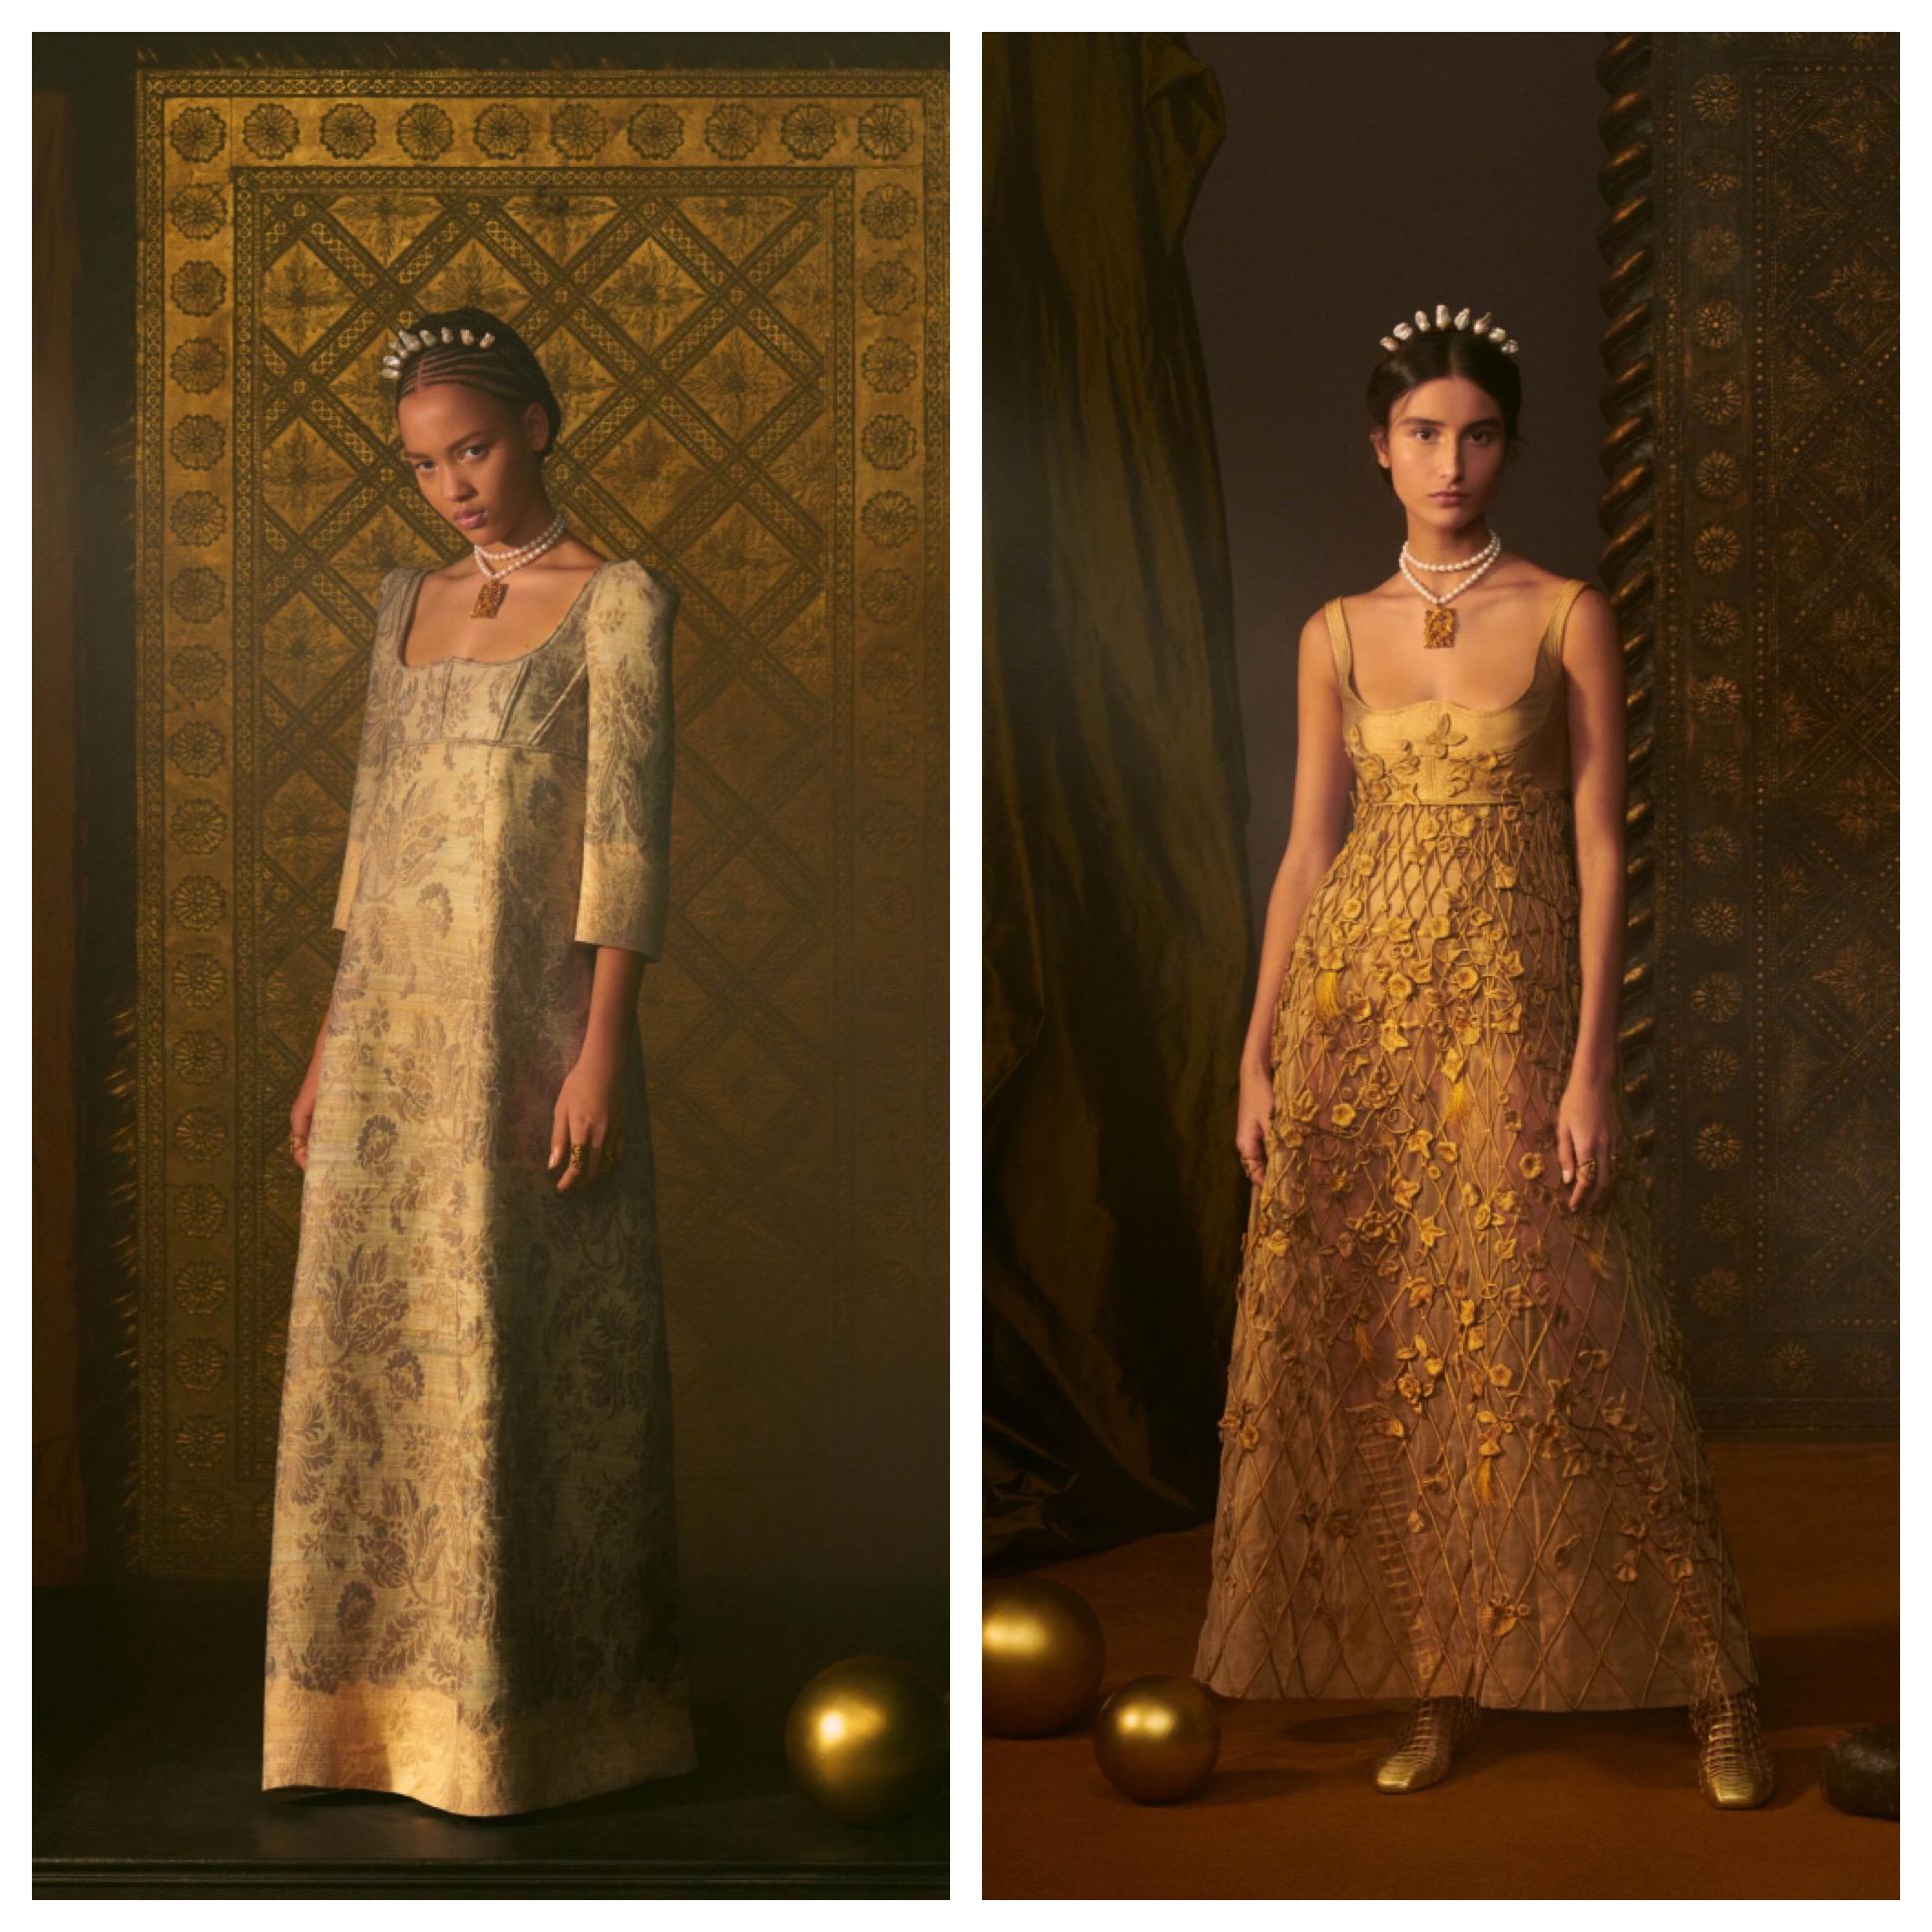 'Bridgerton' Fashion on the Spring 2021 Couture Runways